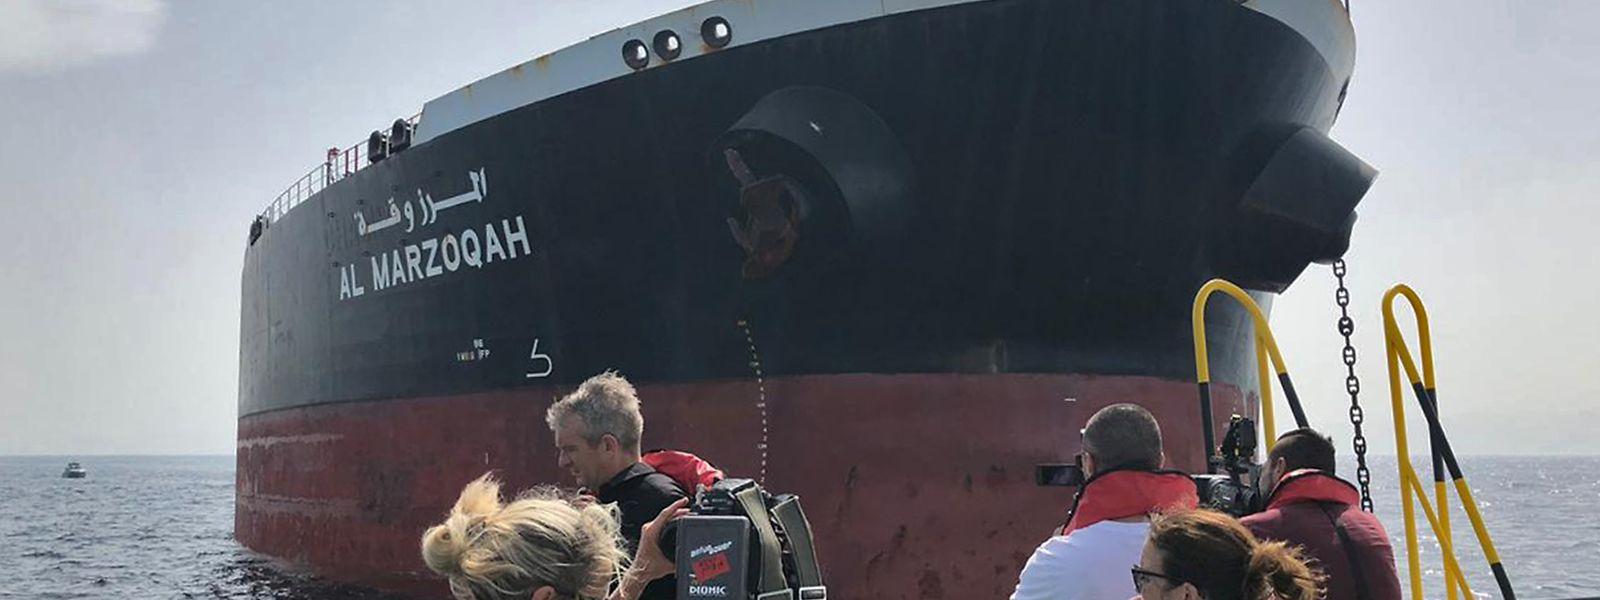 """Zwei saudische Öltanker sollen bei einem """"Sabotageangriff"""" im Golf von Oman schwer beschädigt worden sein."""